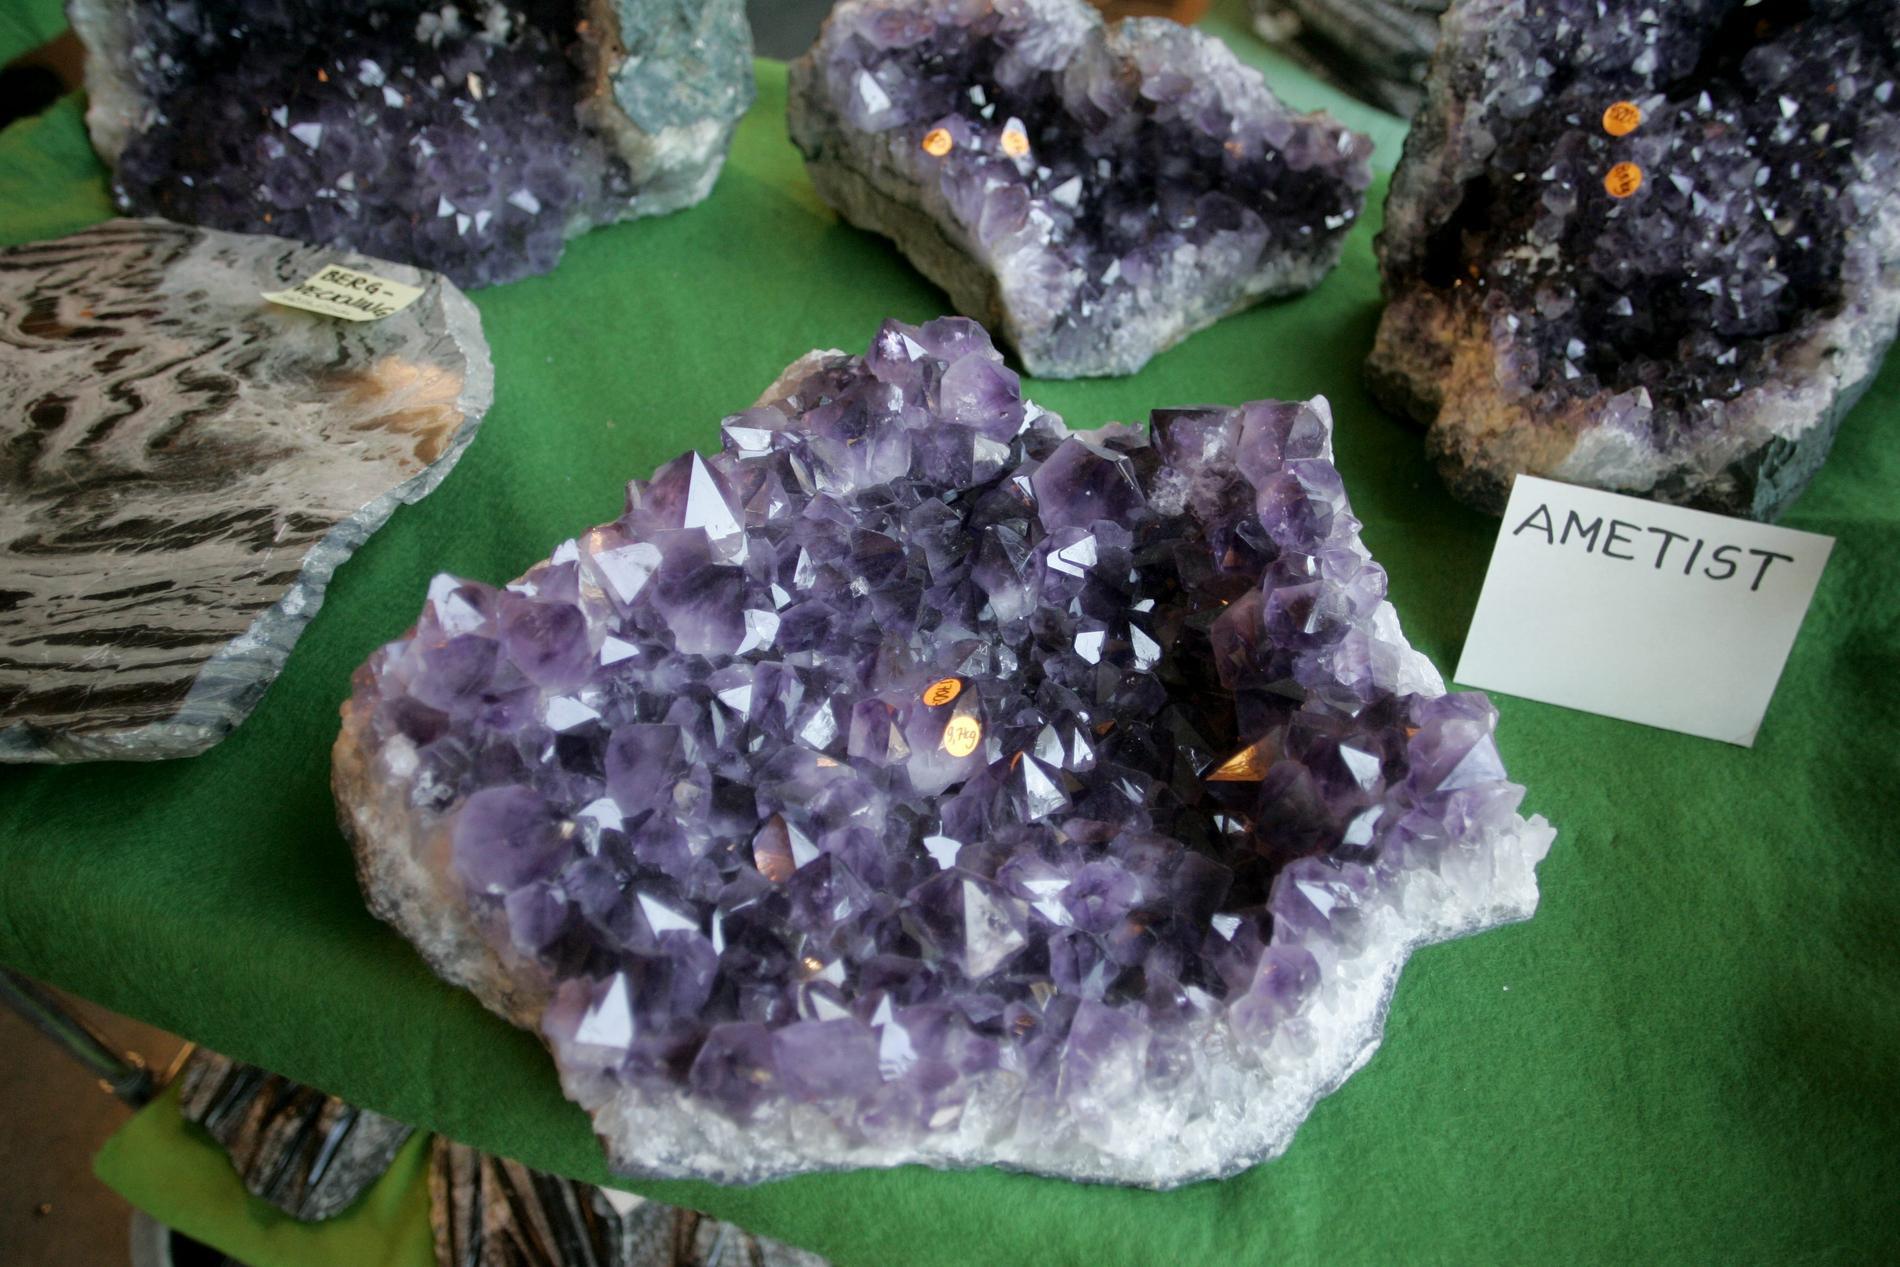 Ametist, den lila varianten av mineralet kvarts, är en populär sten som sägs ha lugnande och rogivande energi. Arkivbild.